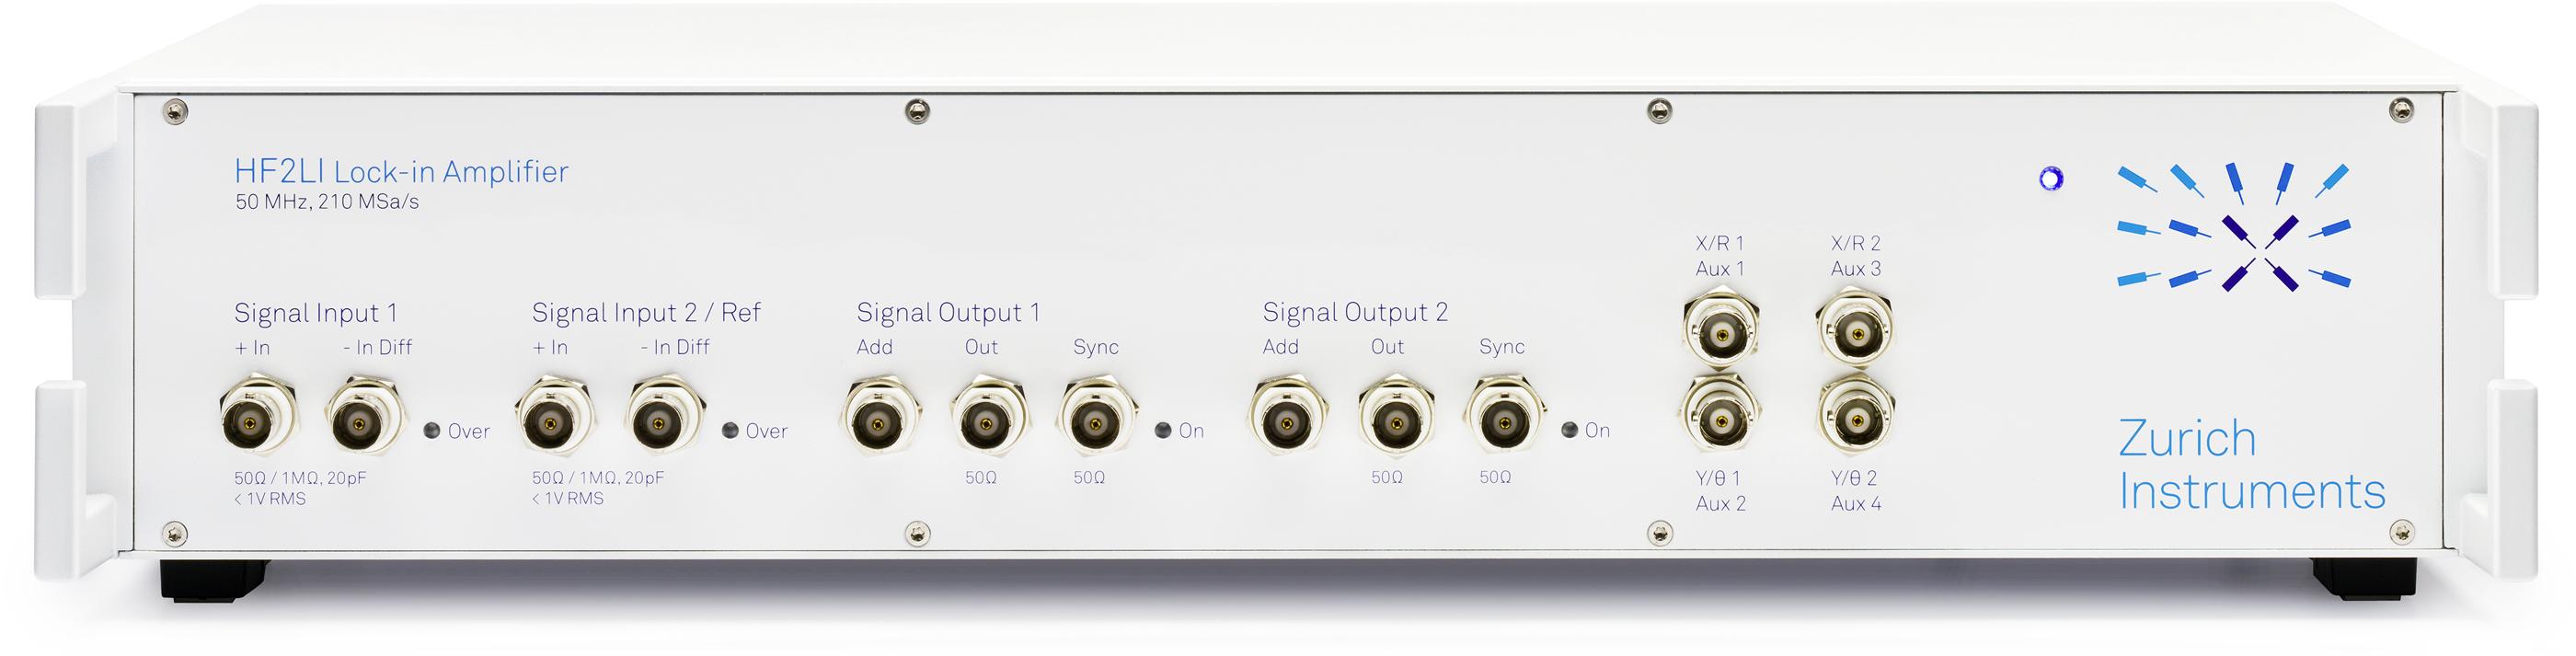 Hf2li Lock In Amplifier Zurich Instruments Wide Band Rf For 10mhz 500mhz Input